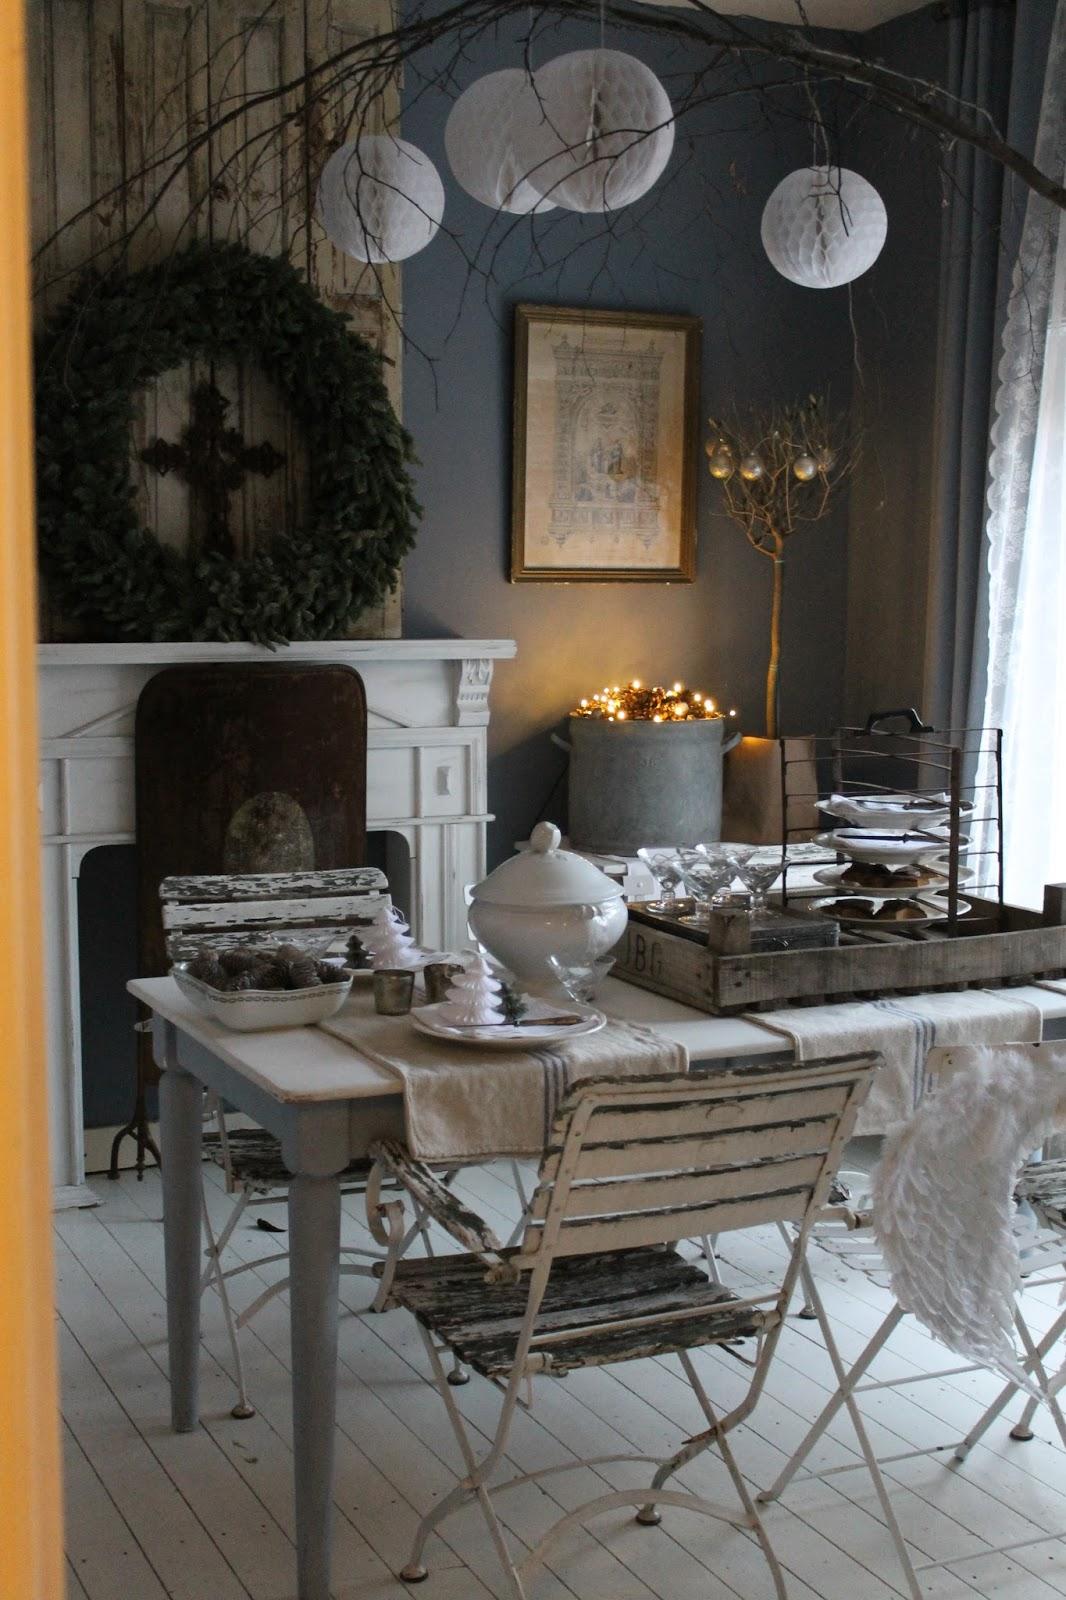 Lilablu brocante brocante kasteelfair in baarn en kerstmis in de eetkamer brocante - Foto eetkamer ...